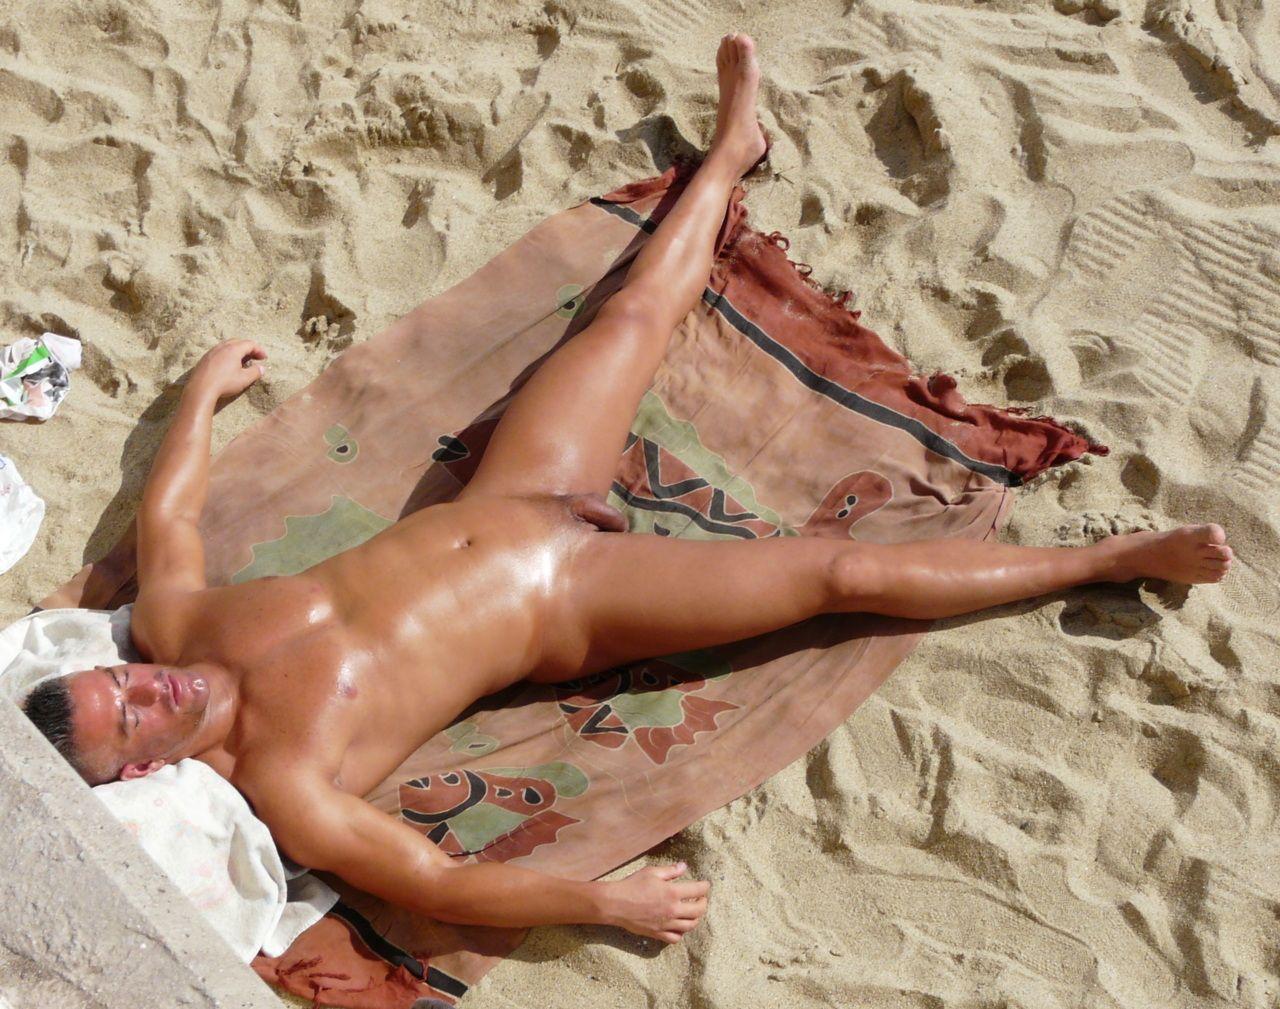 Загорелые парни голые